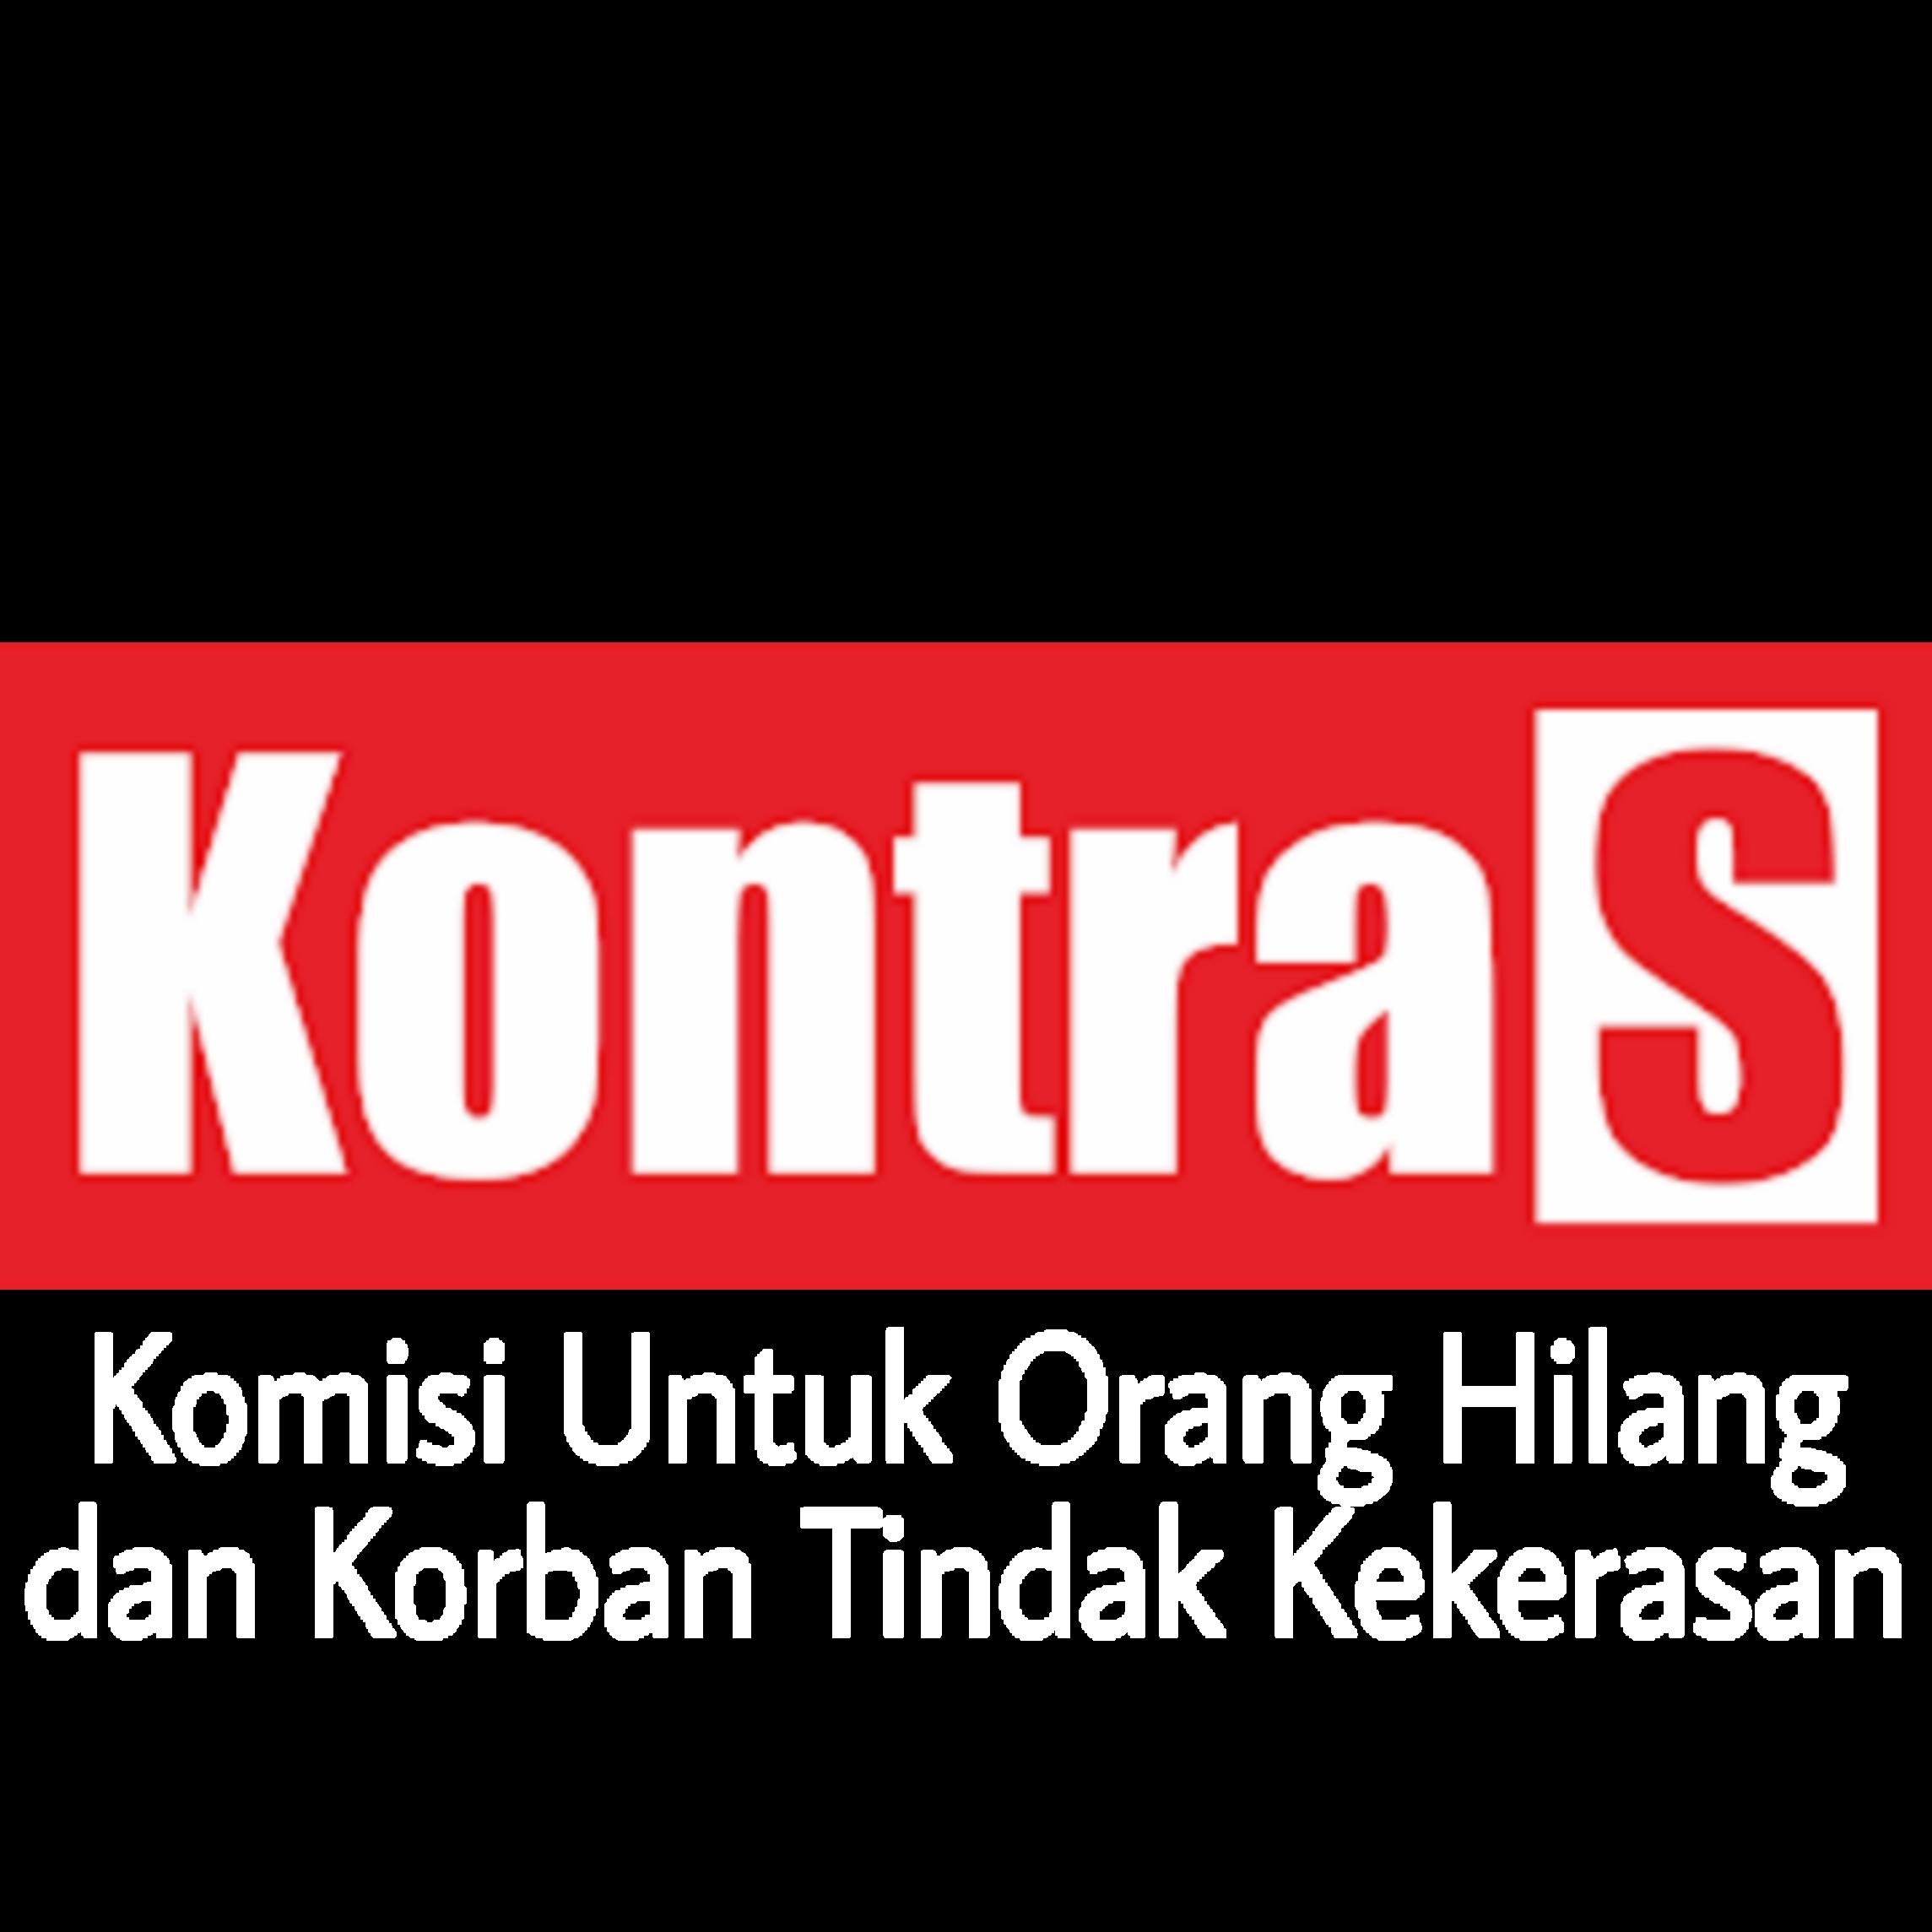 Logo-KontraS-black-Copy